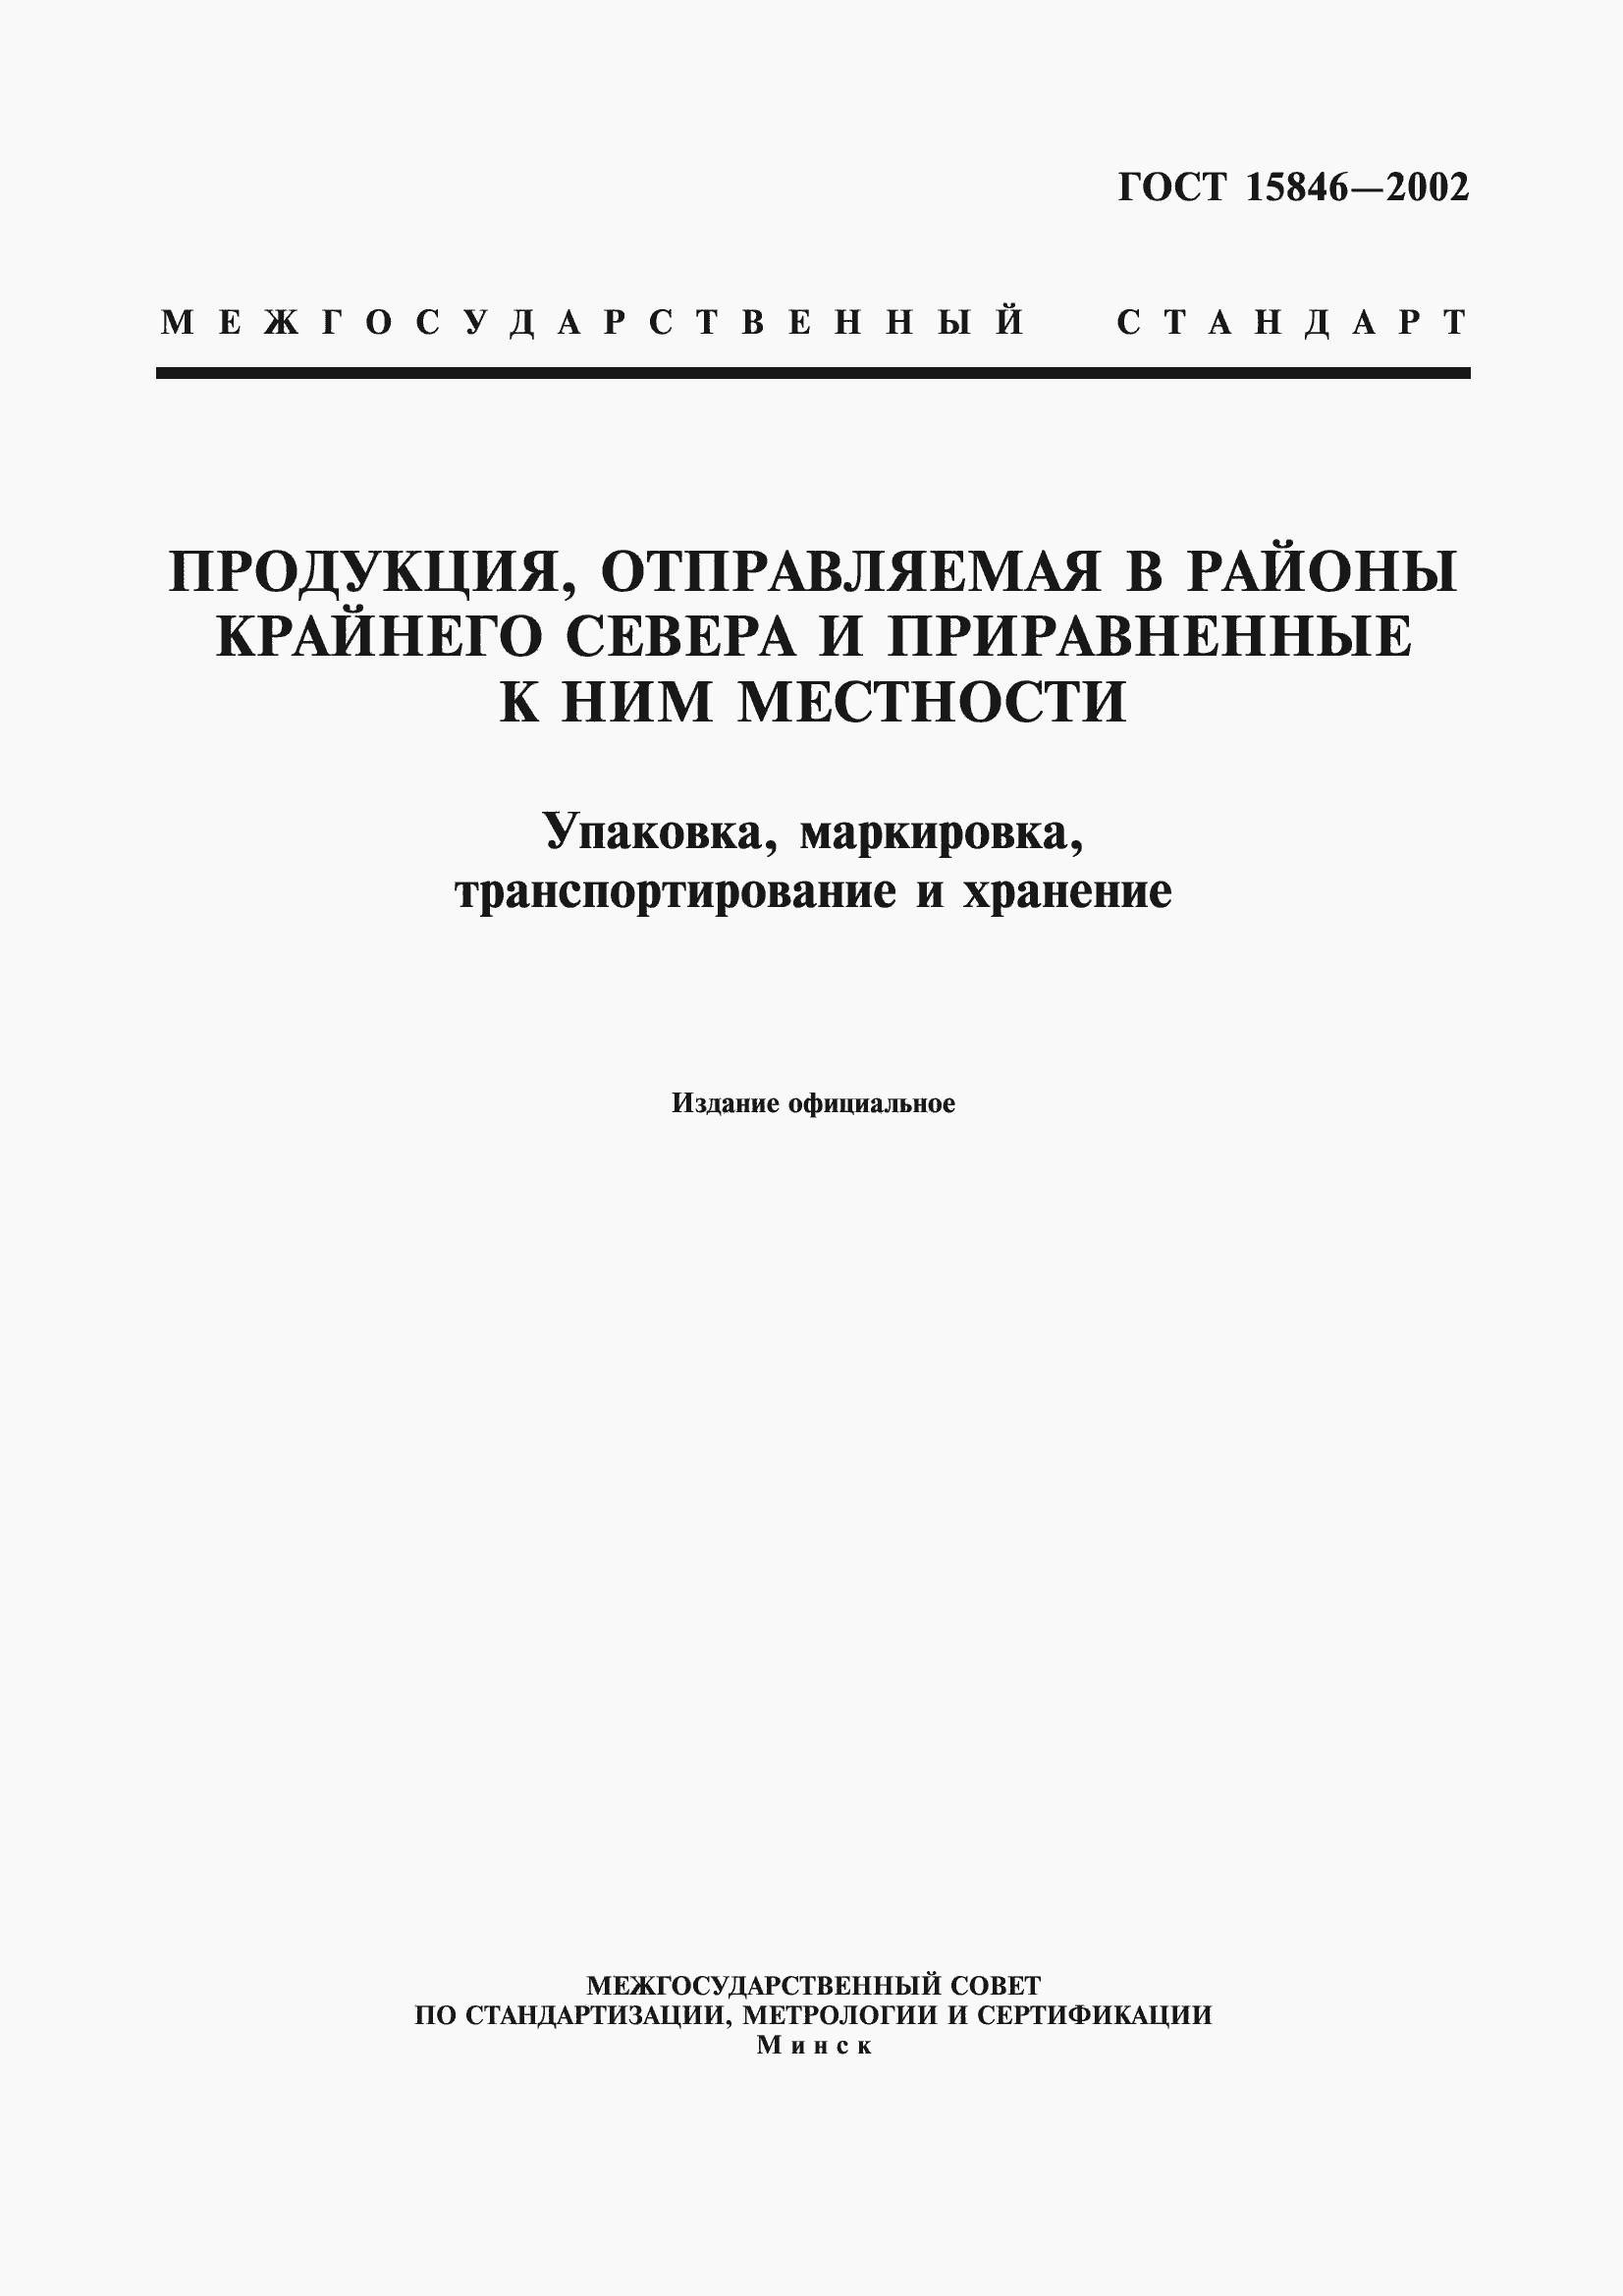 Гост 15846 2002 pdf скачать